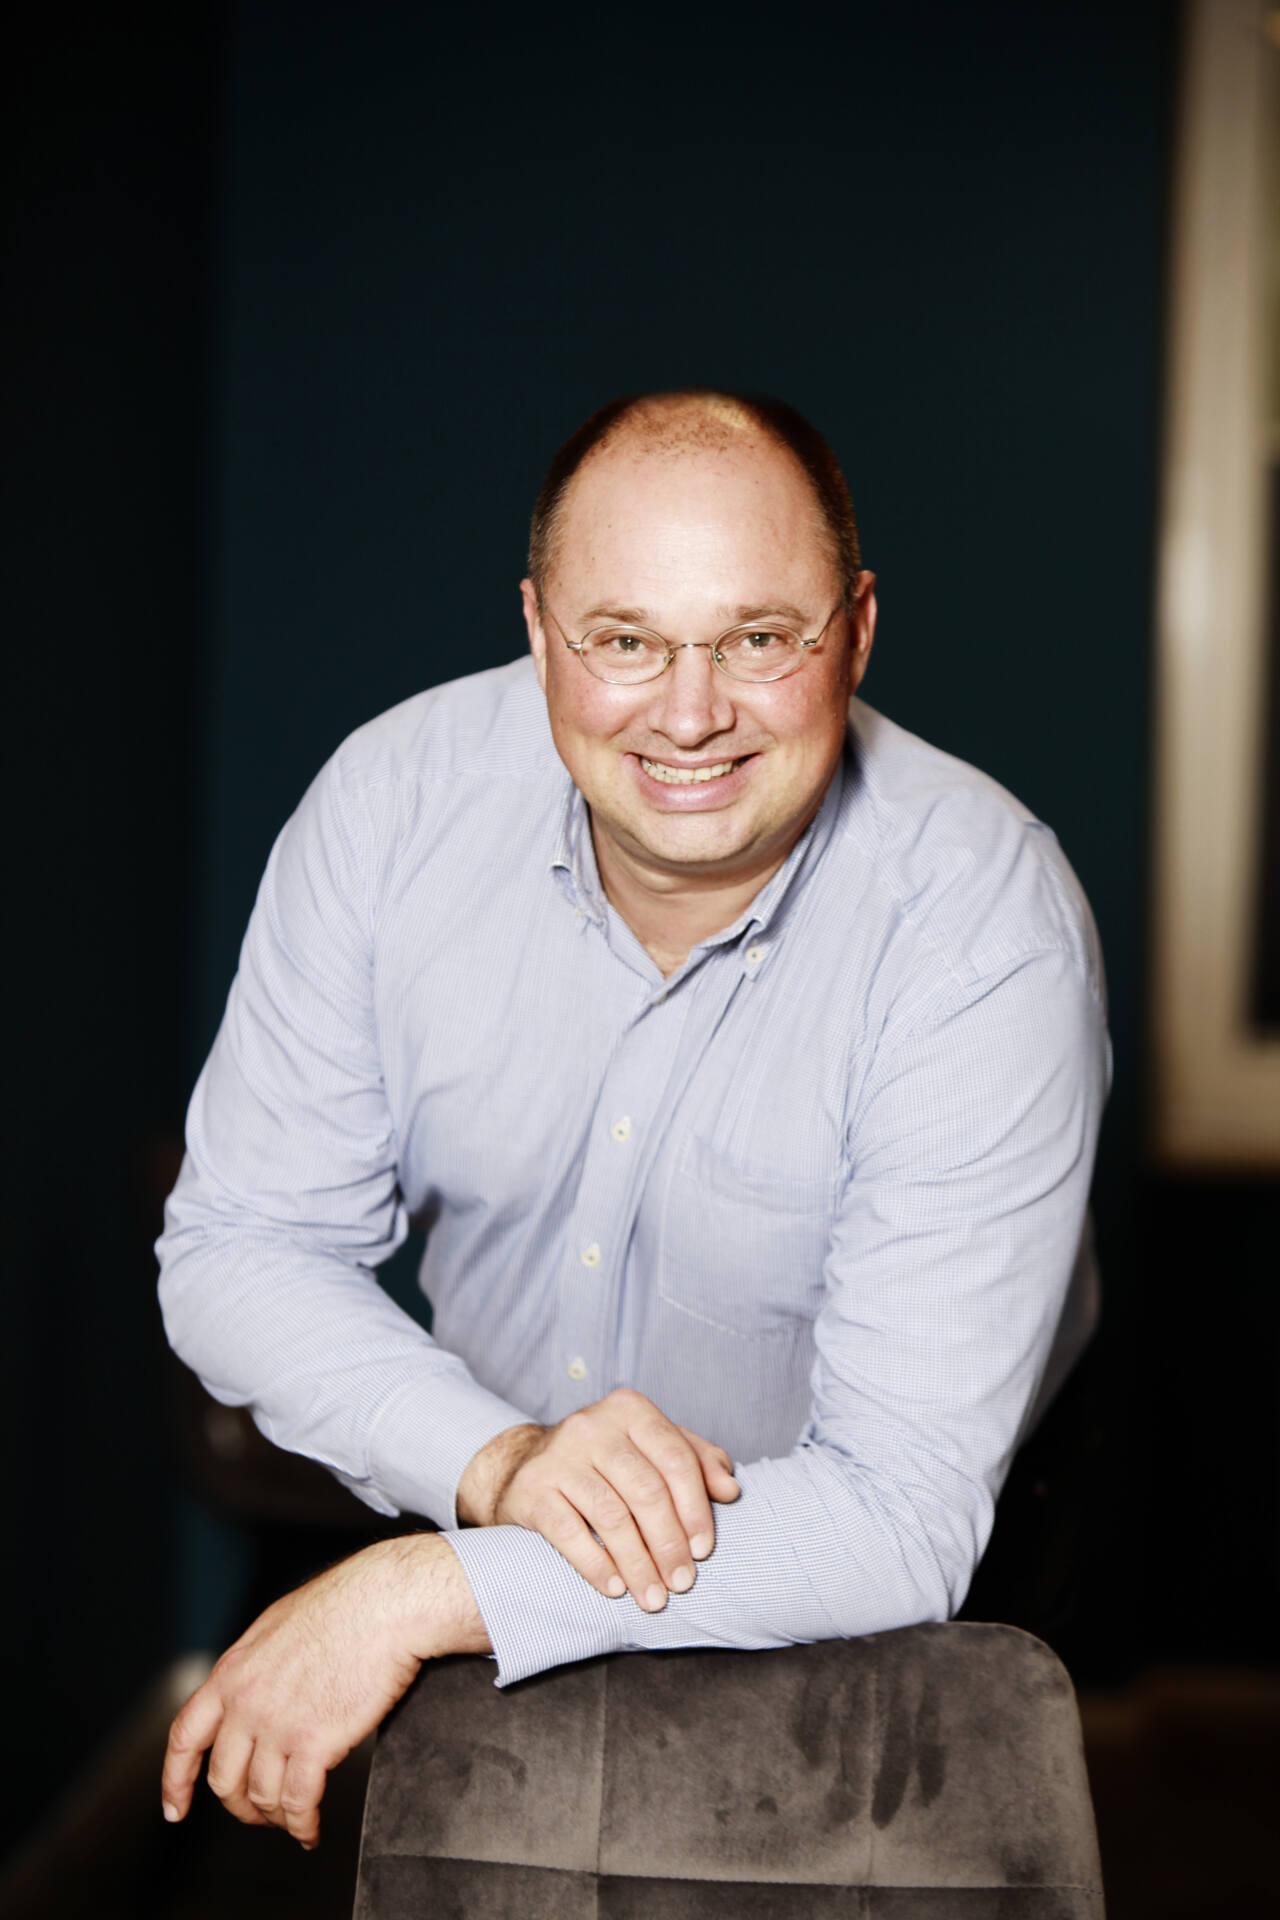 Augenzentrum.ONE Kiel Dr. med. Florian Rüfer - Ihr Augenarzt in Kiel